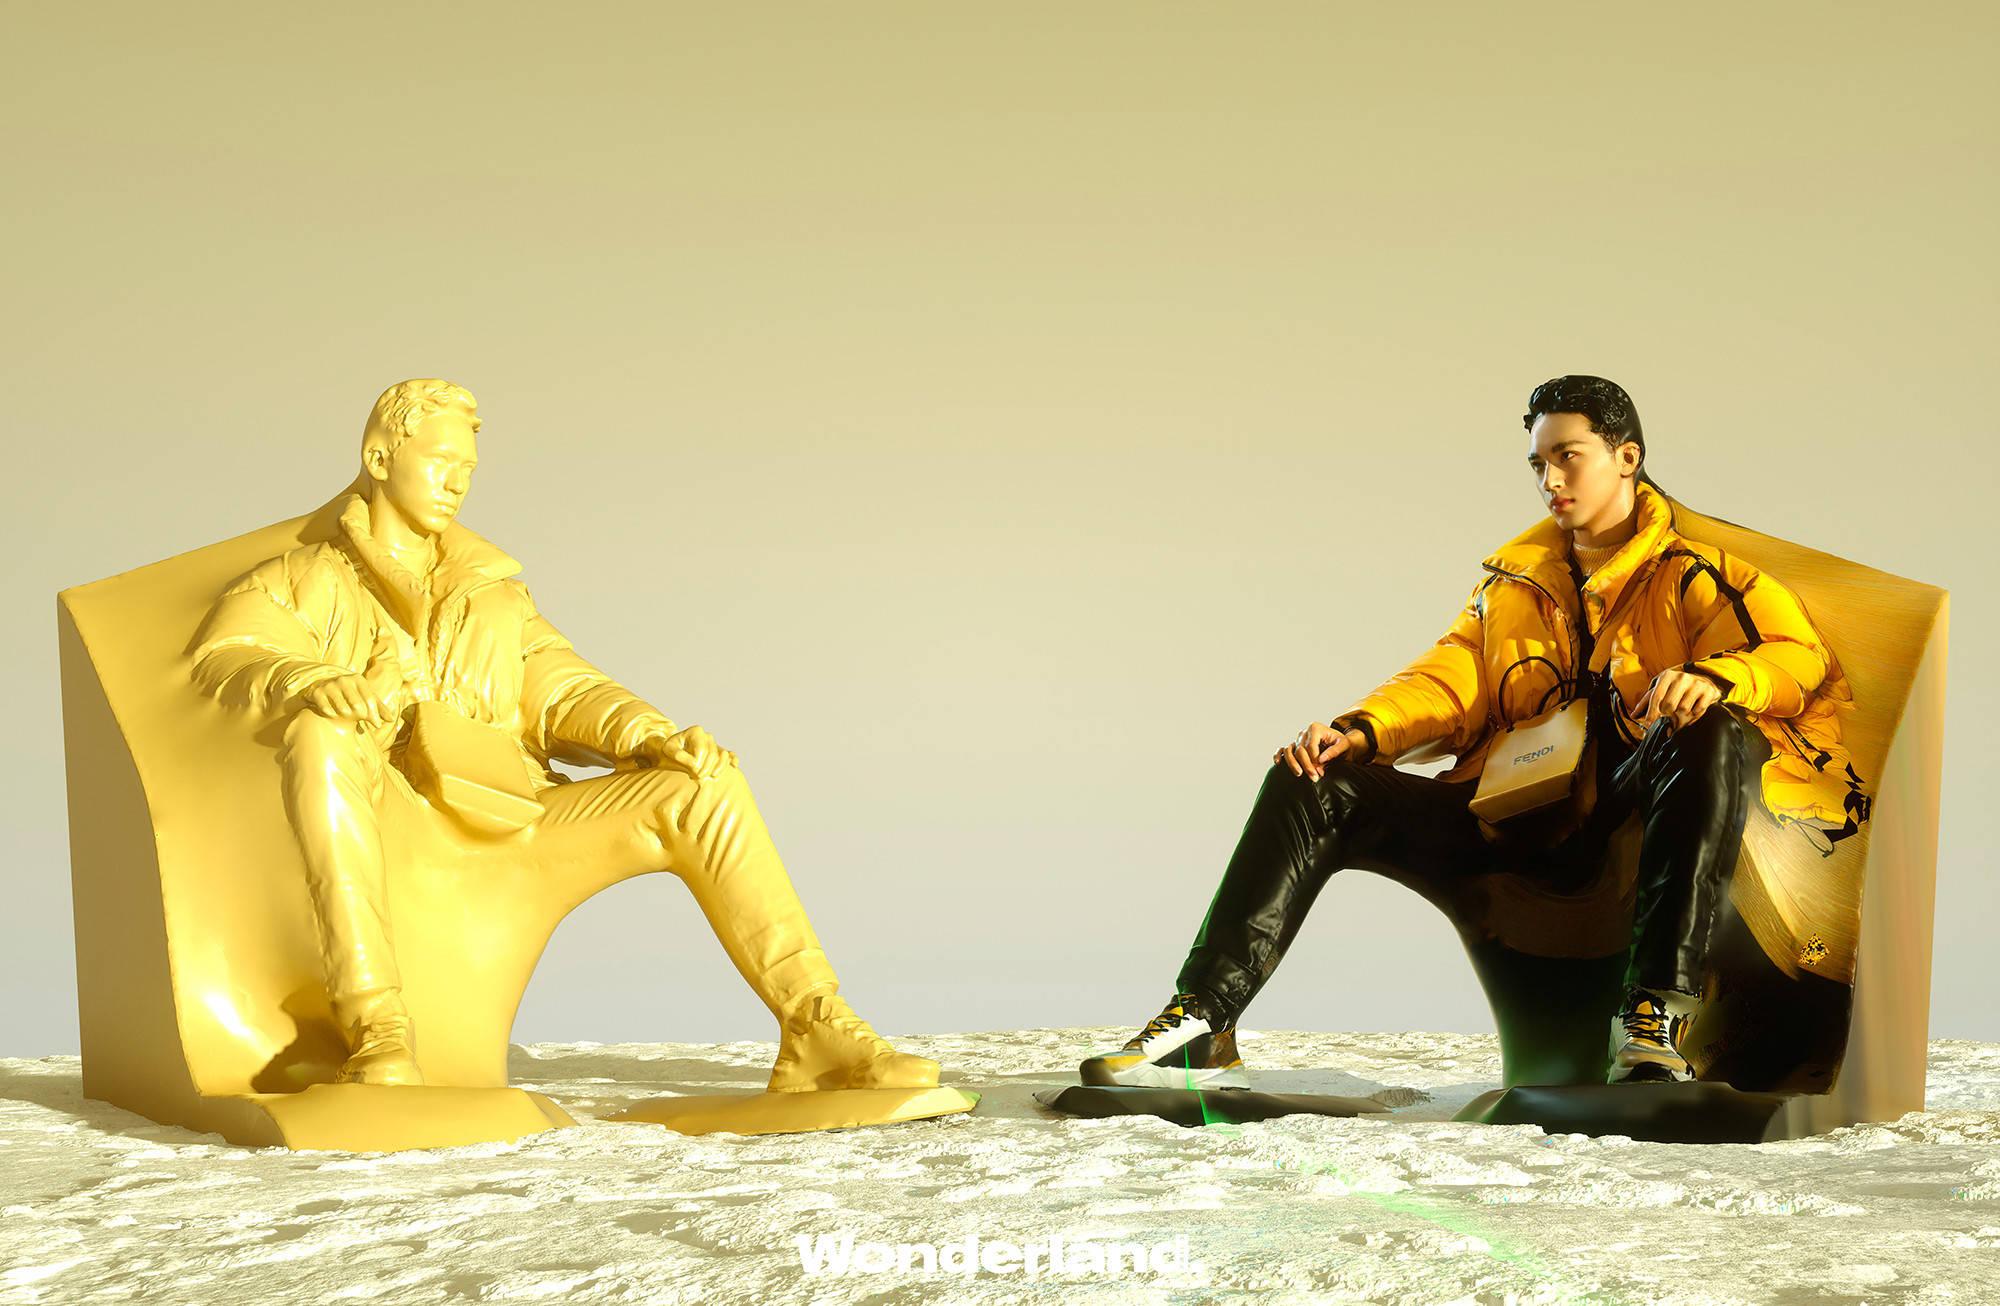 许魏洲3D雕塑造型 科技与时尚的碰撞